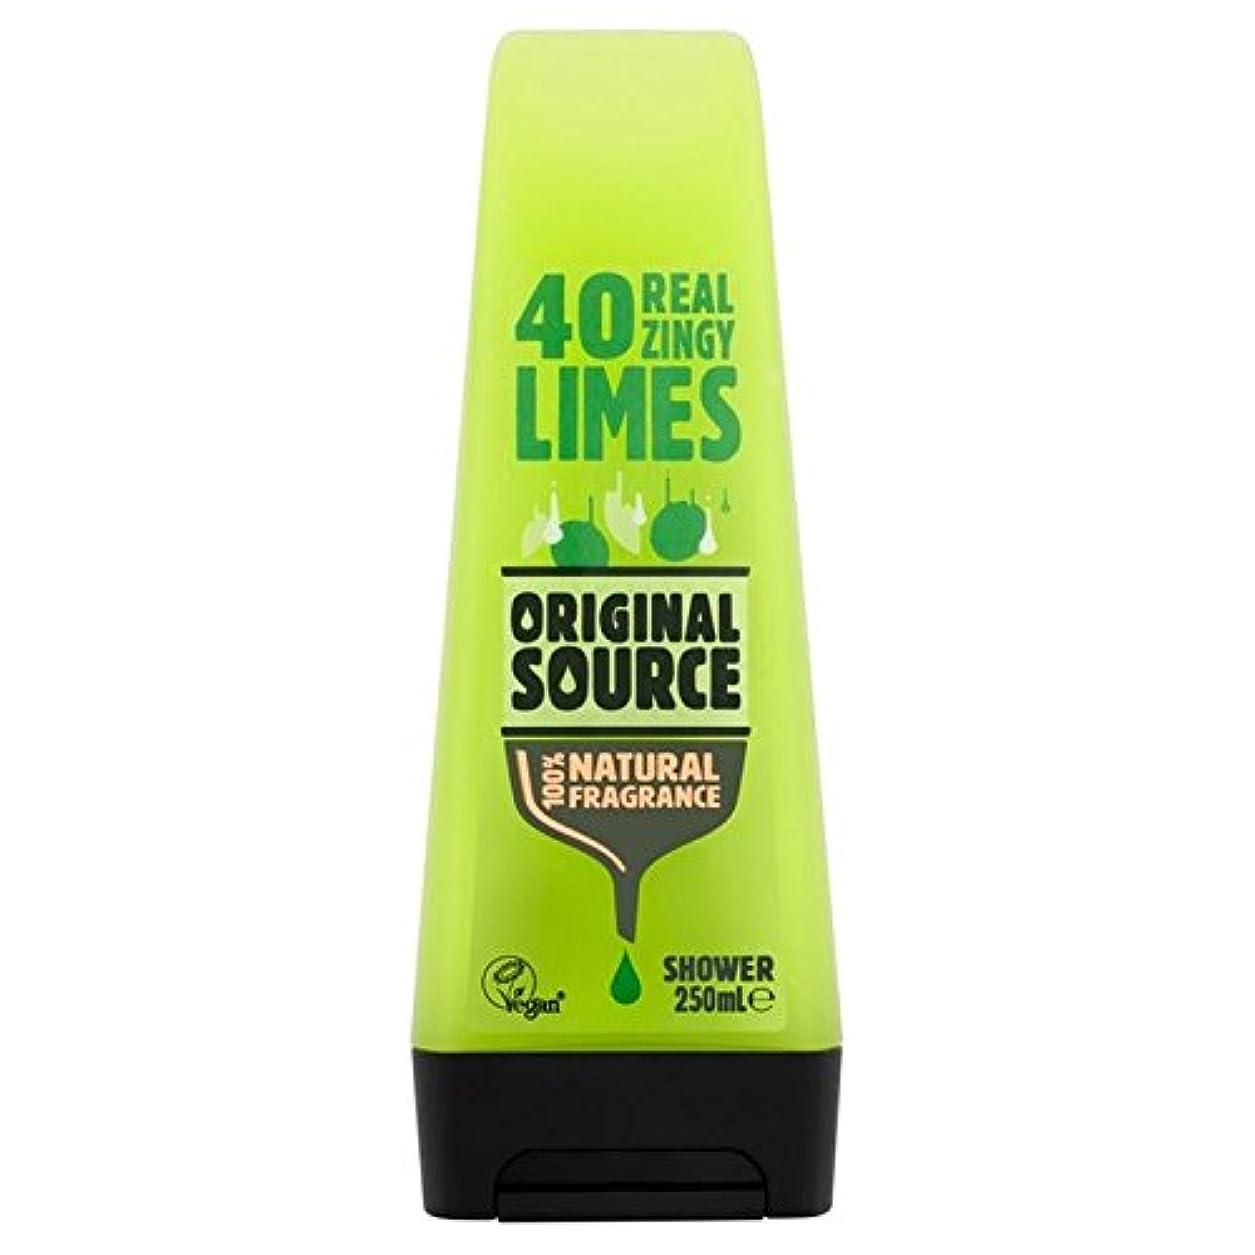 取るに足らない系譜踊り子元のソースライムシャワージェル250ミリリットル x4 - Original Source Lime Shower Gel 250ml (Pack of 4) [並行輸入品]